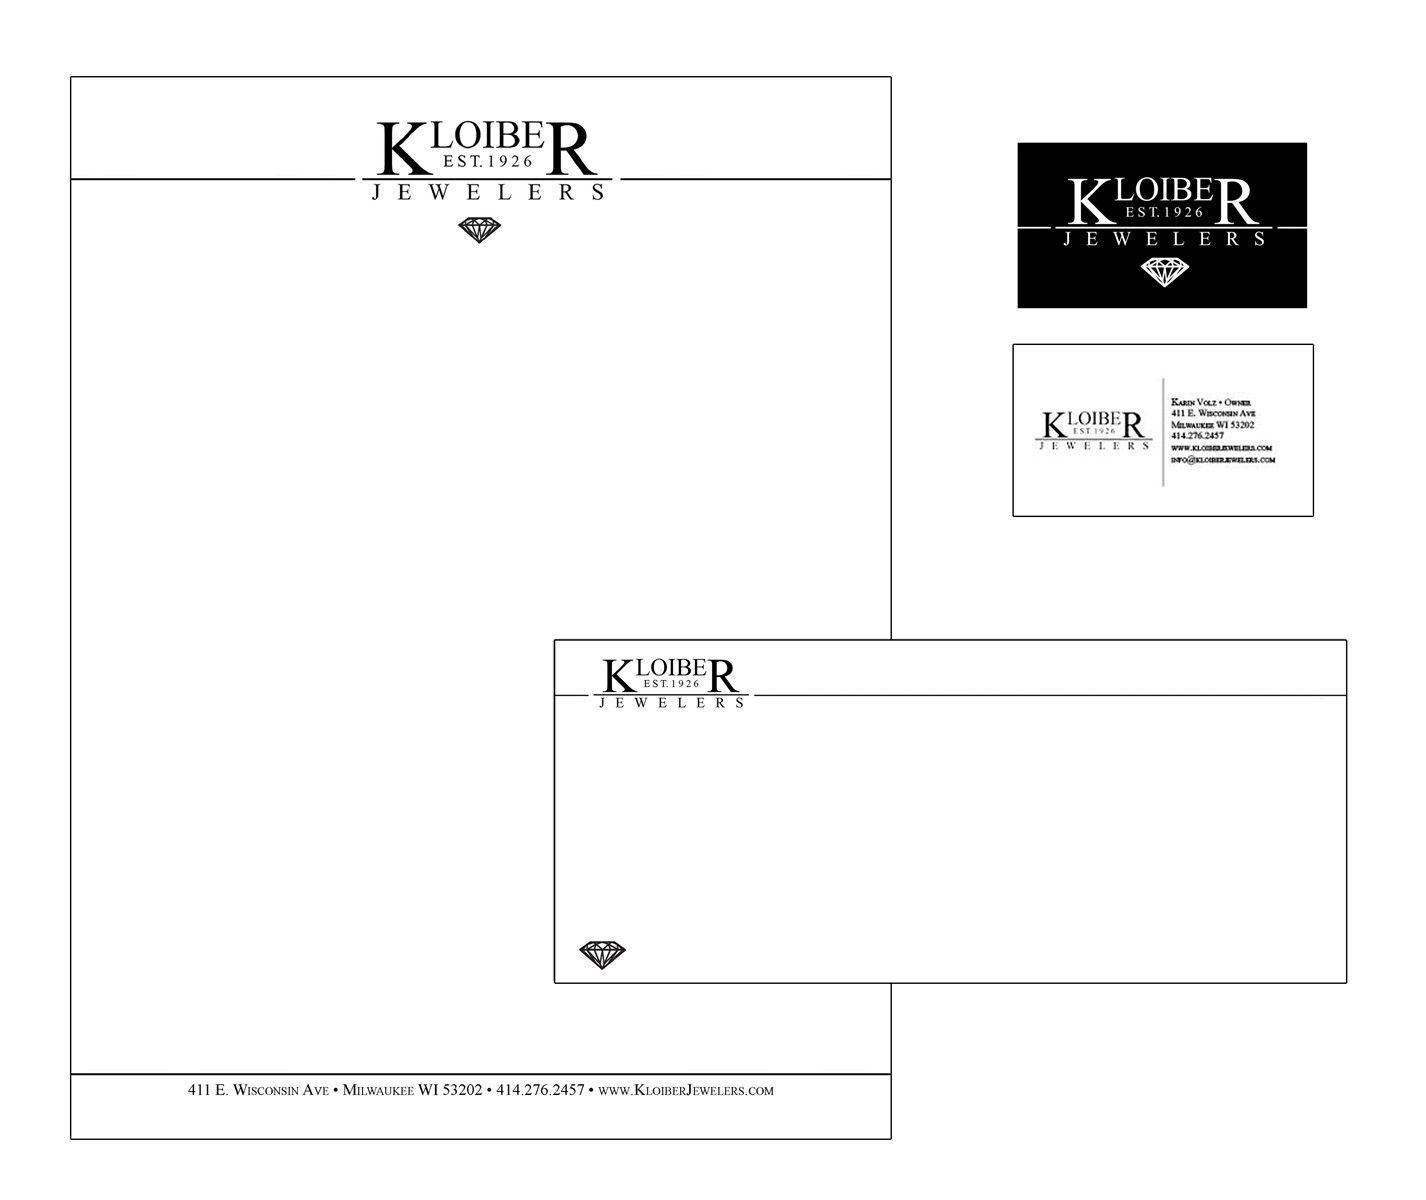 Nicole Esche Graphic Design Milwaukee, Brand Identity, Collateral ...